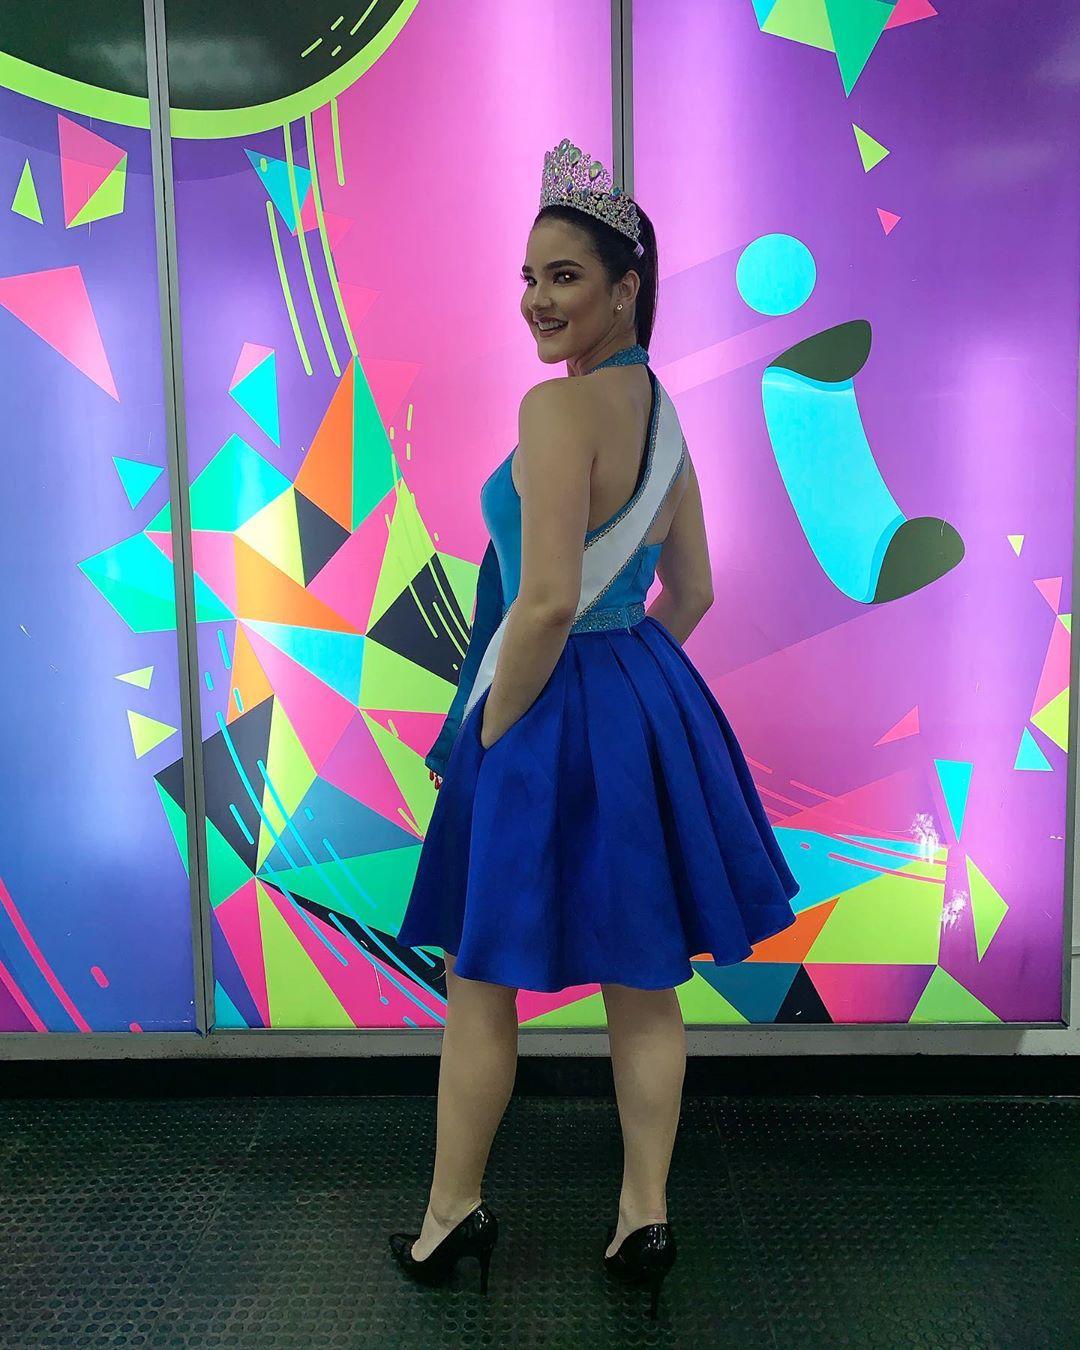 daniela di venere, top 12 de miss teen mundial 2019. 56764710